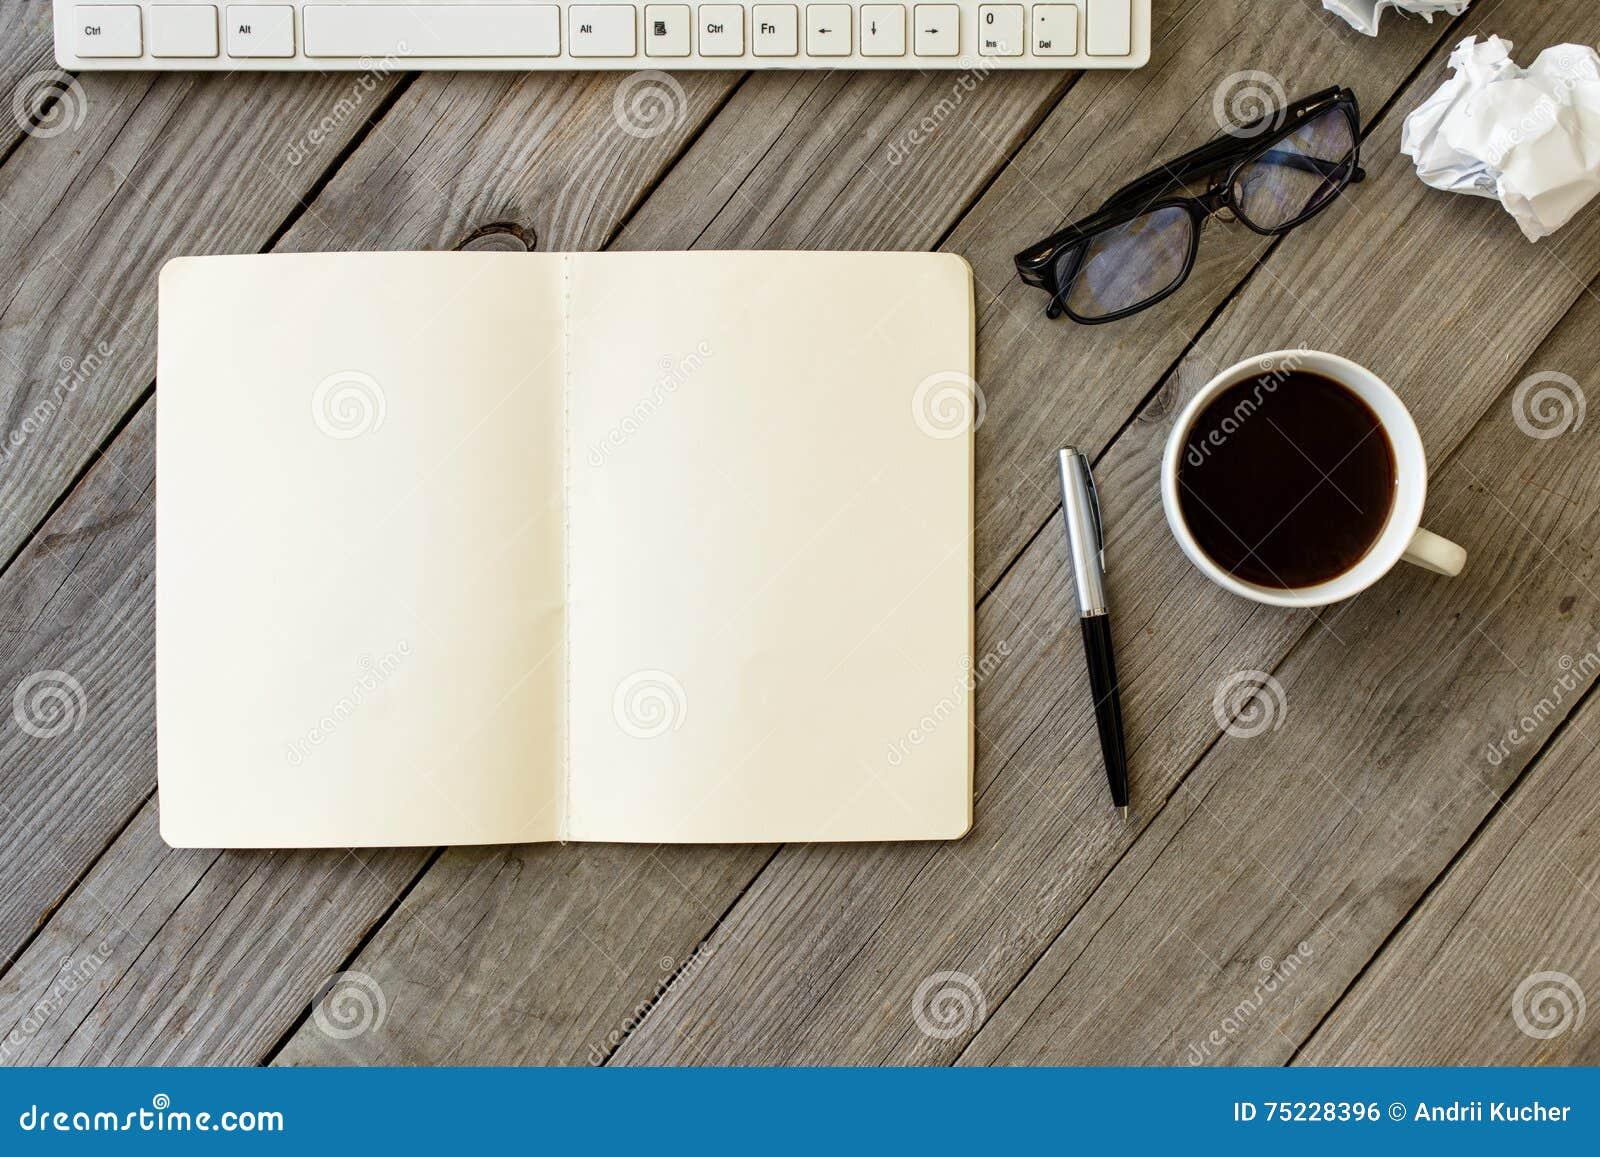 Ανοικτό σημειωματάριο με τις κενές σελίδες